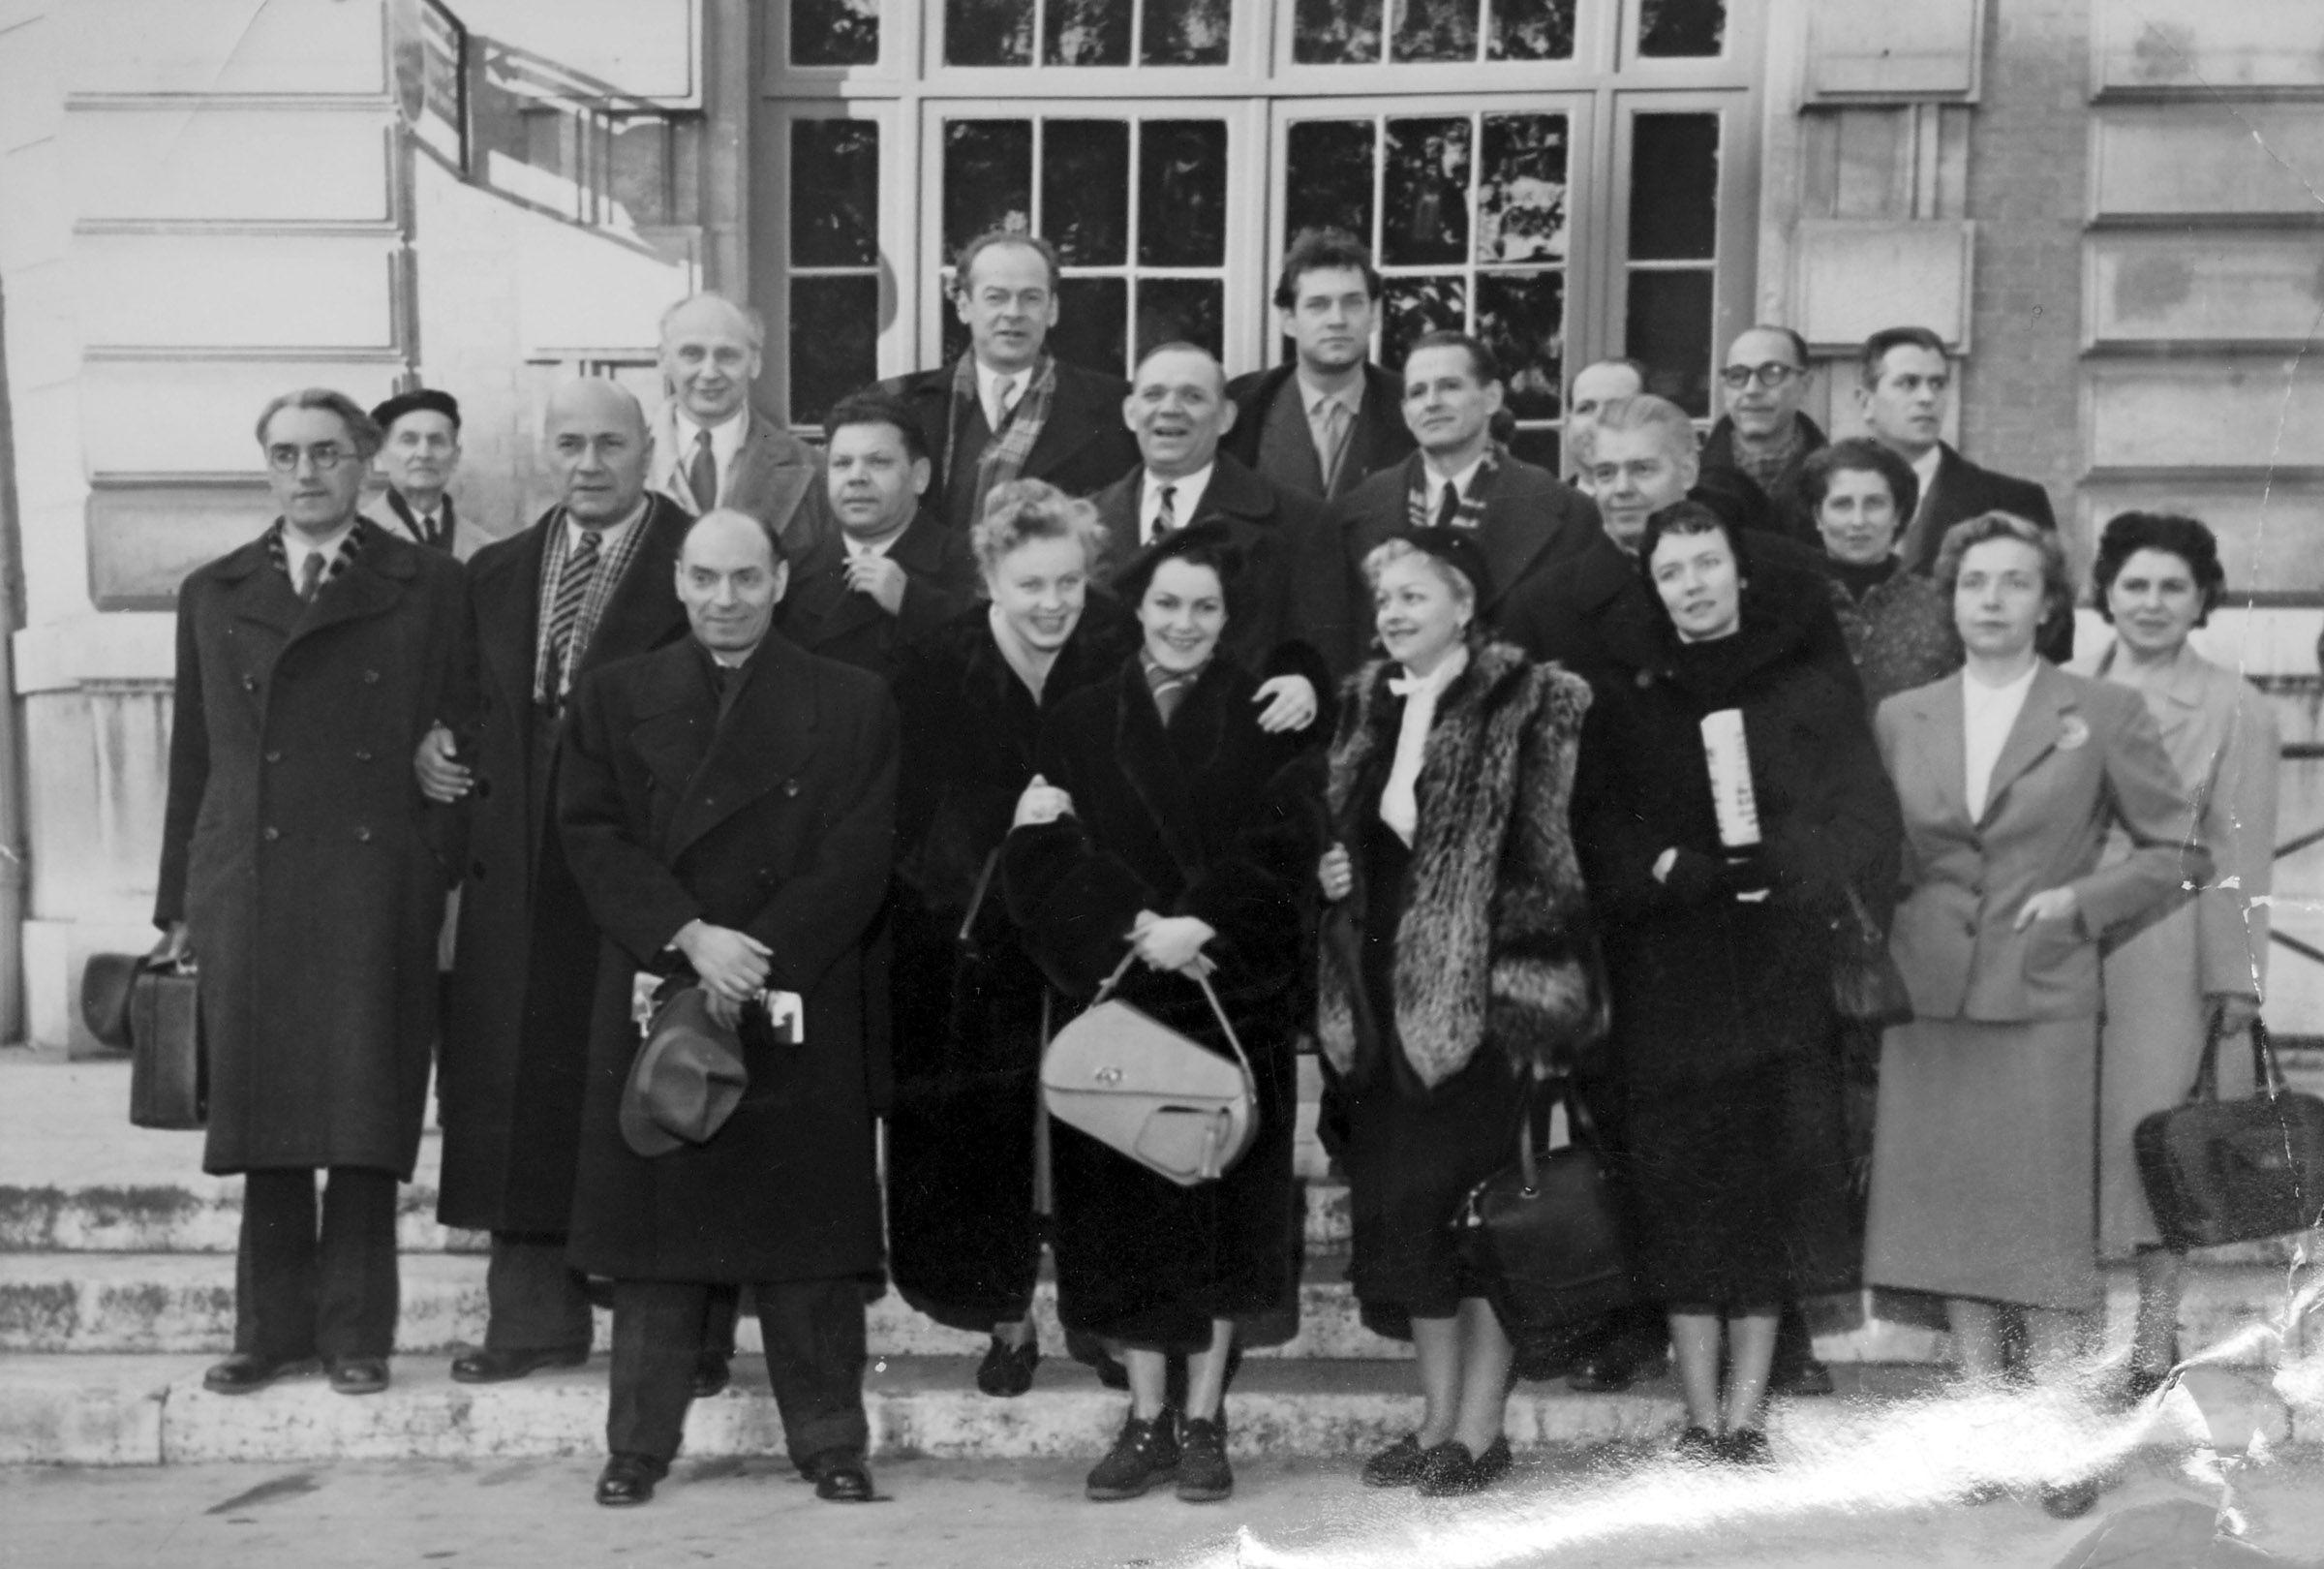 Экспонат #148. Советская делегация. Неделя советского кино во Франции. 1955 год